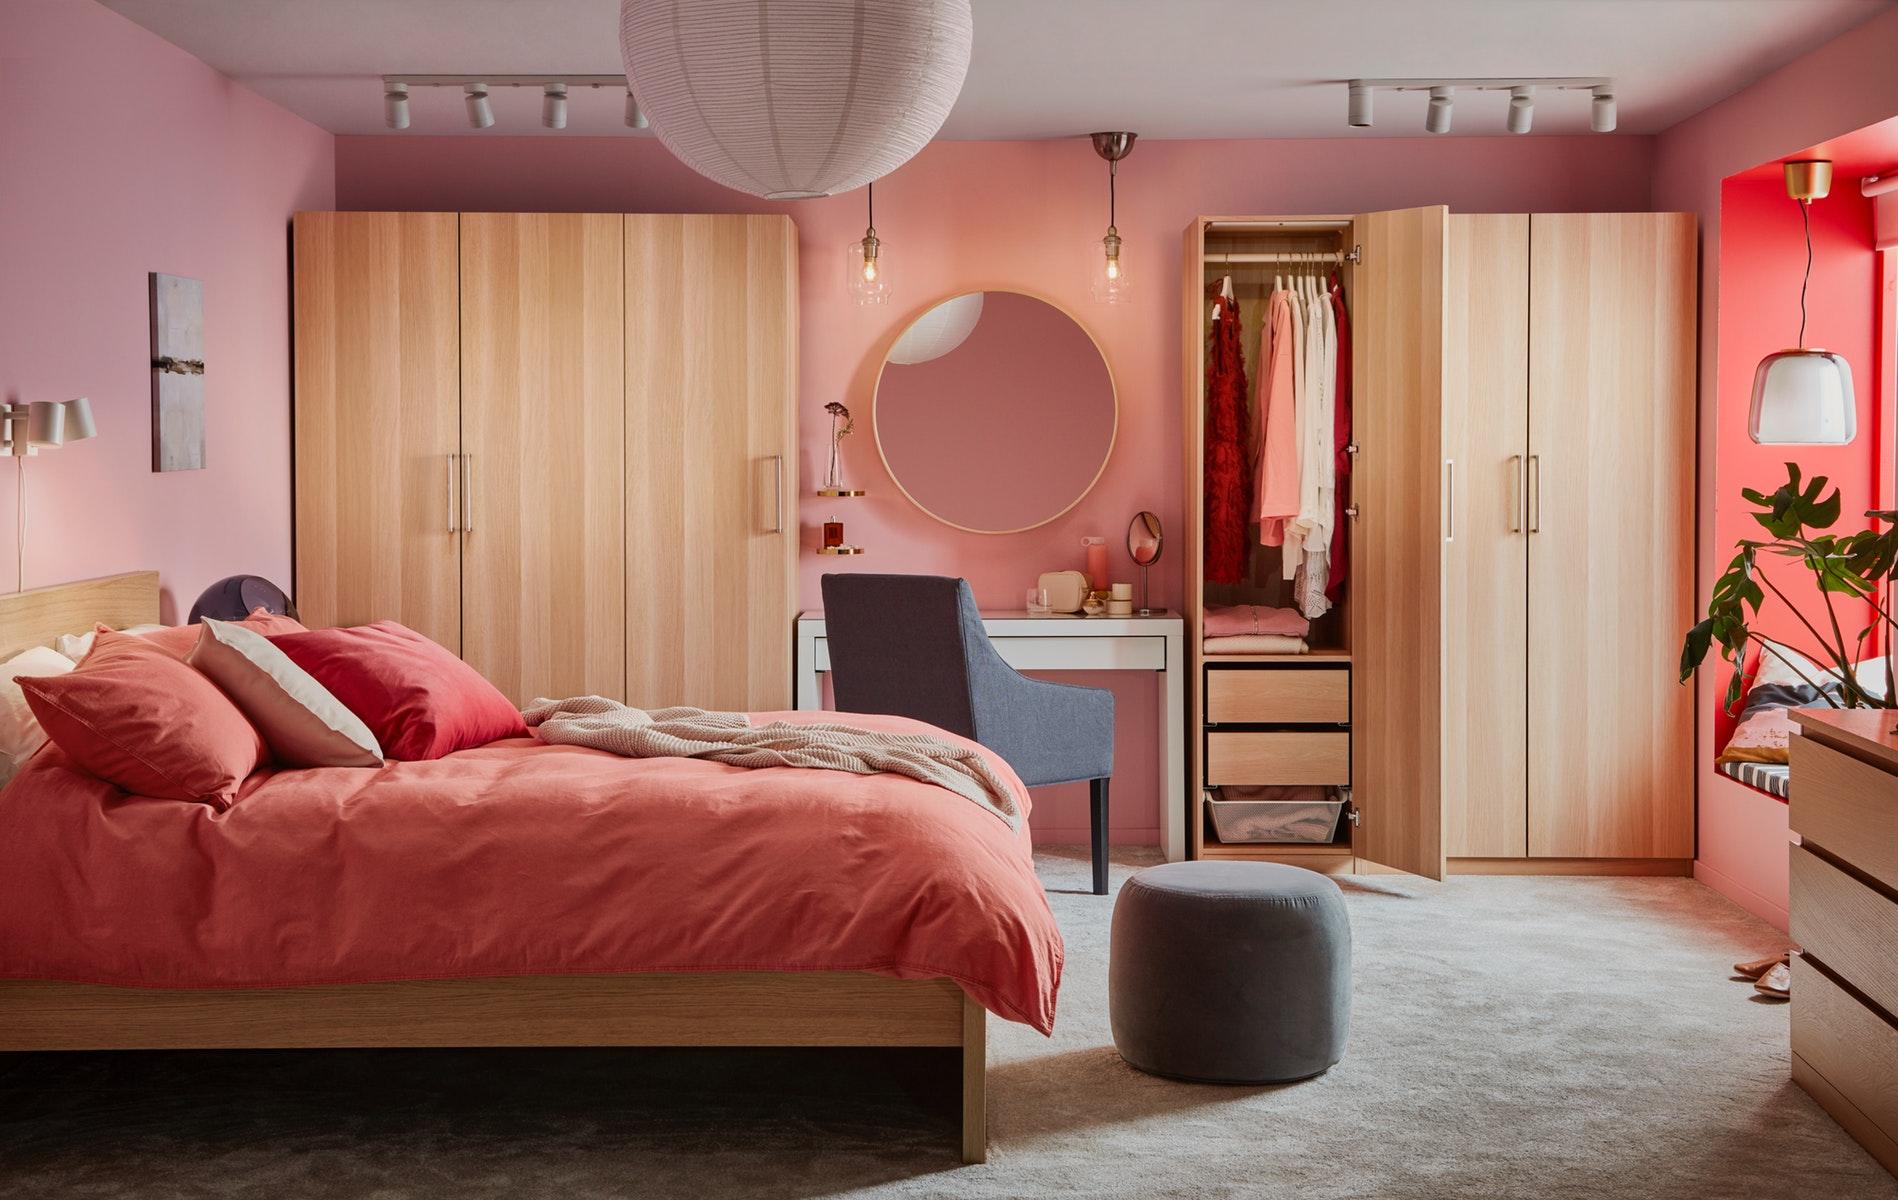 ikea-bedroom-design